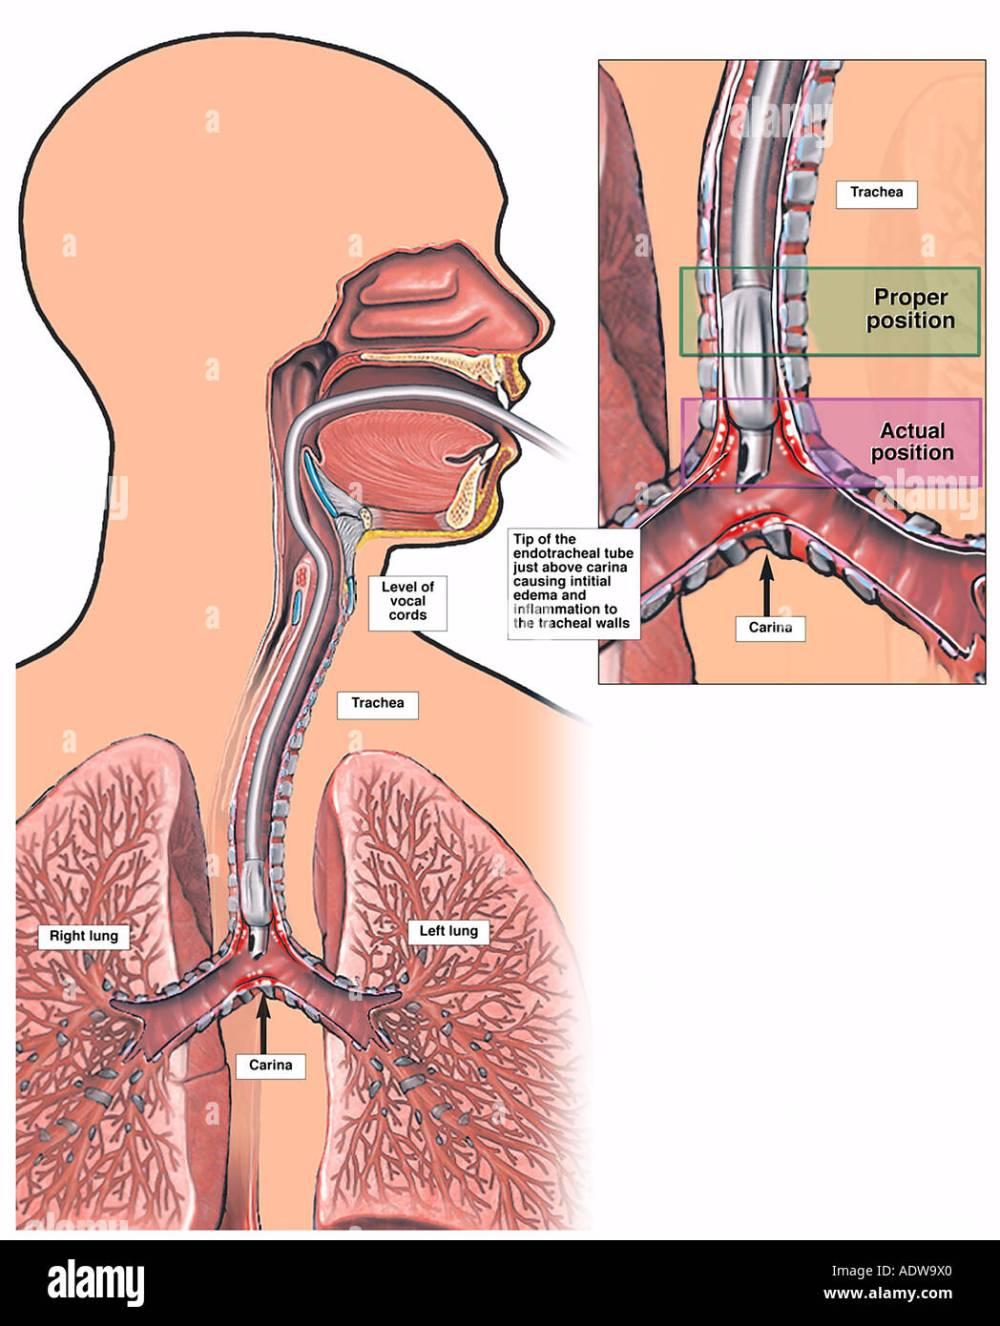 medium resolution of improper endotracheal intubation